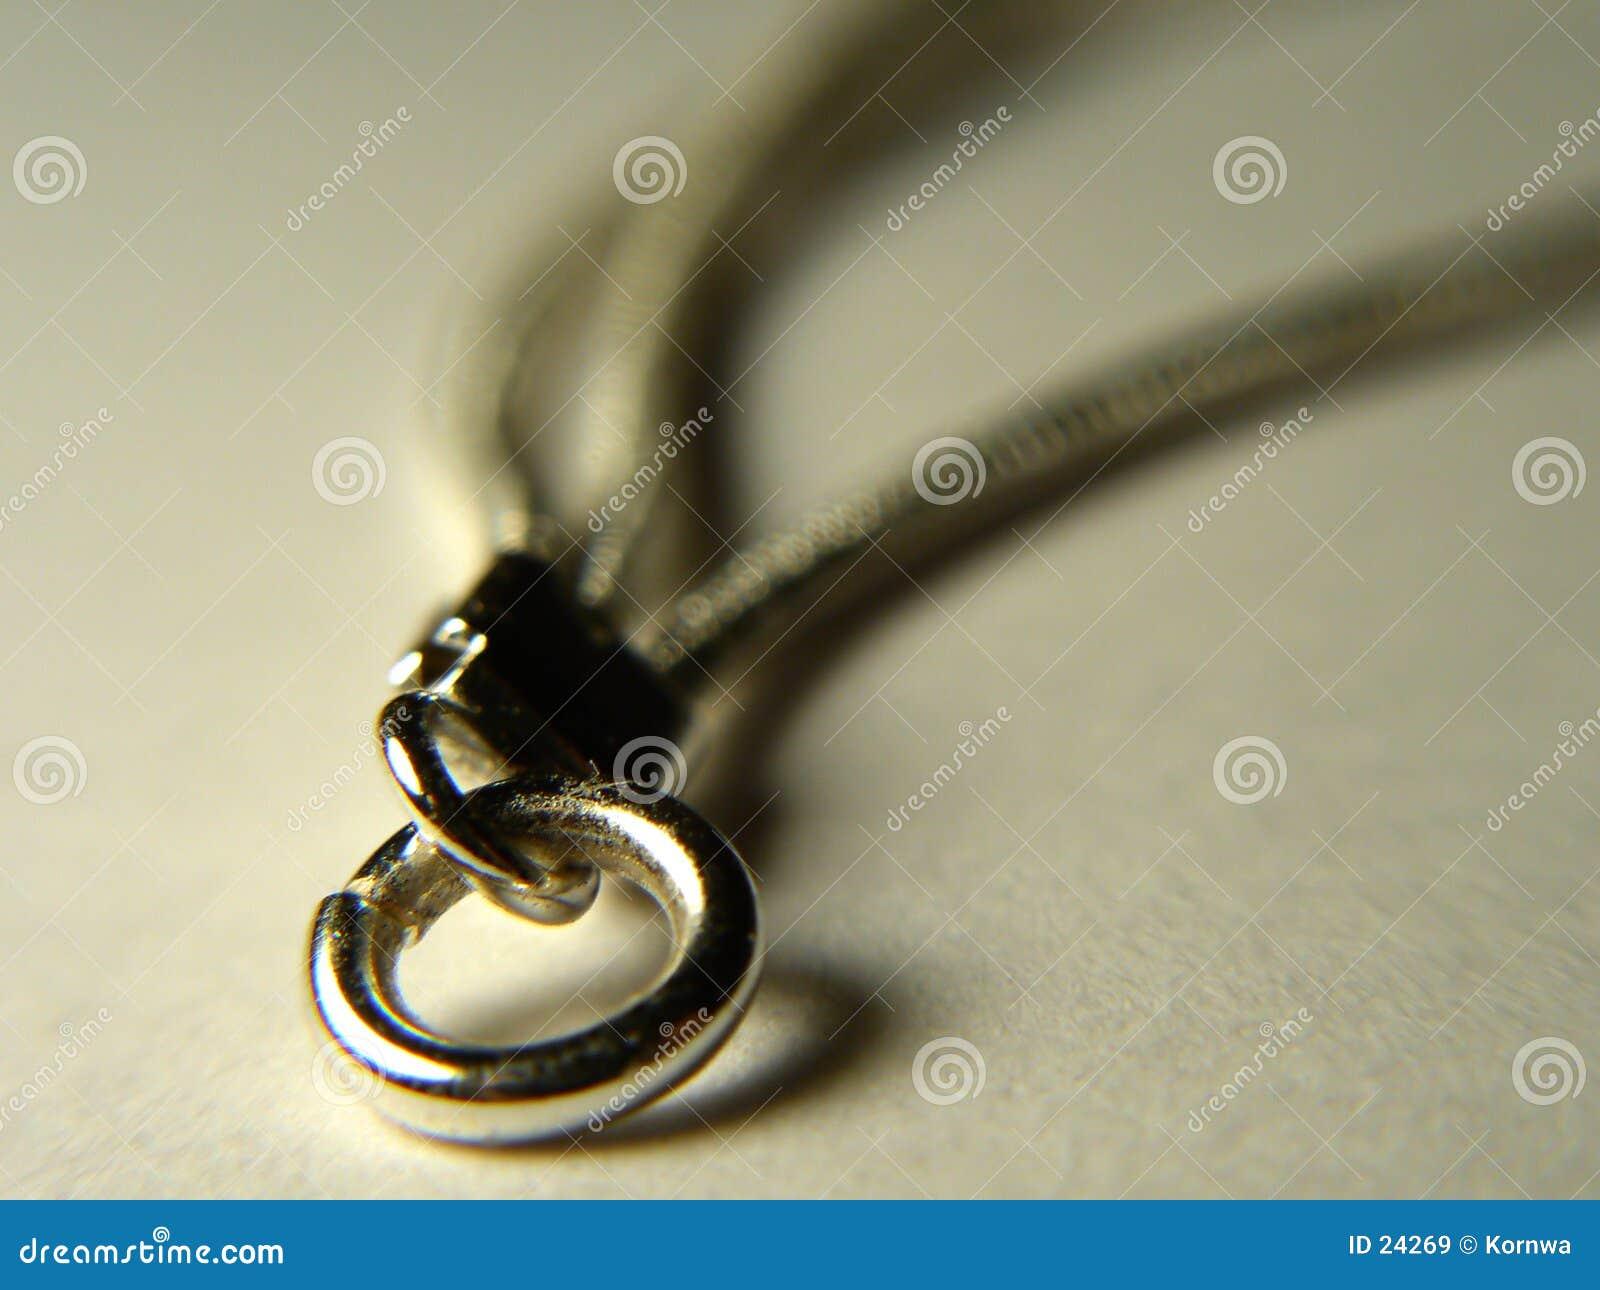 Chain hals